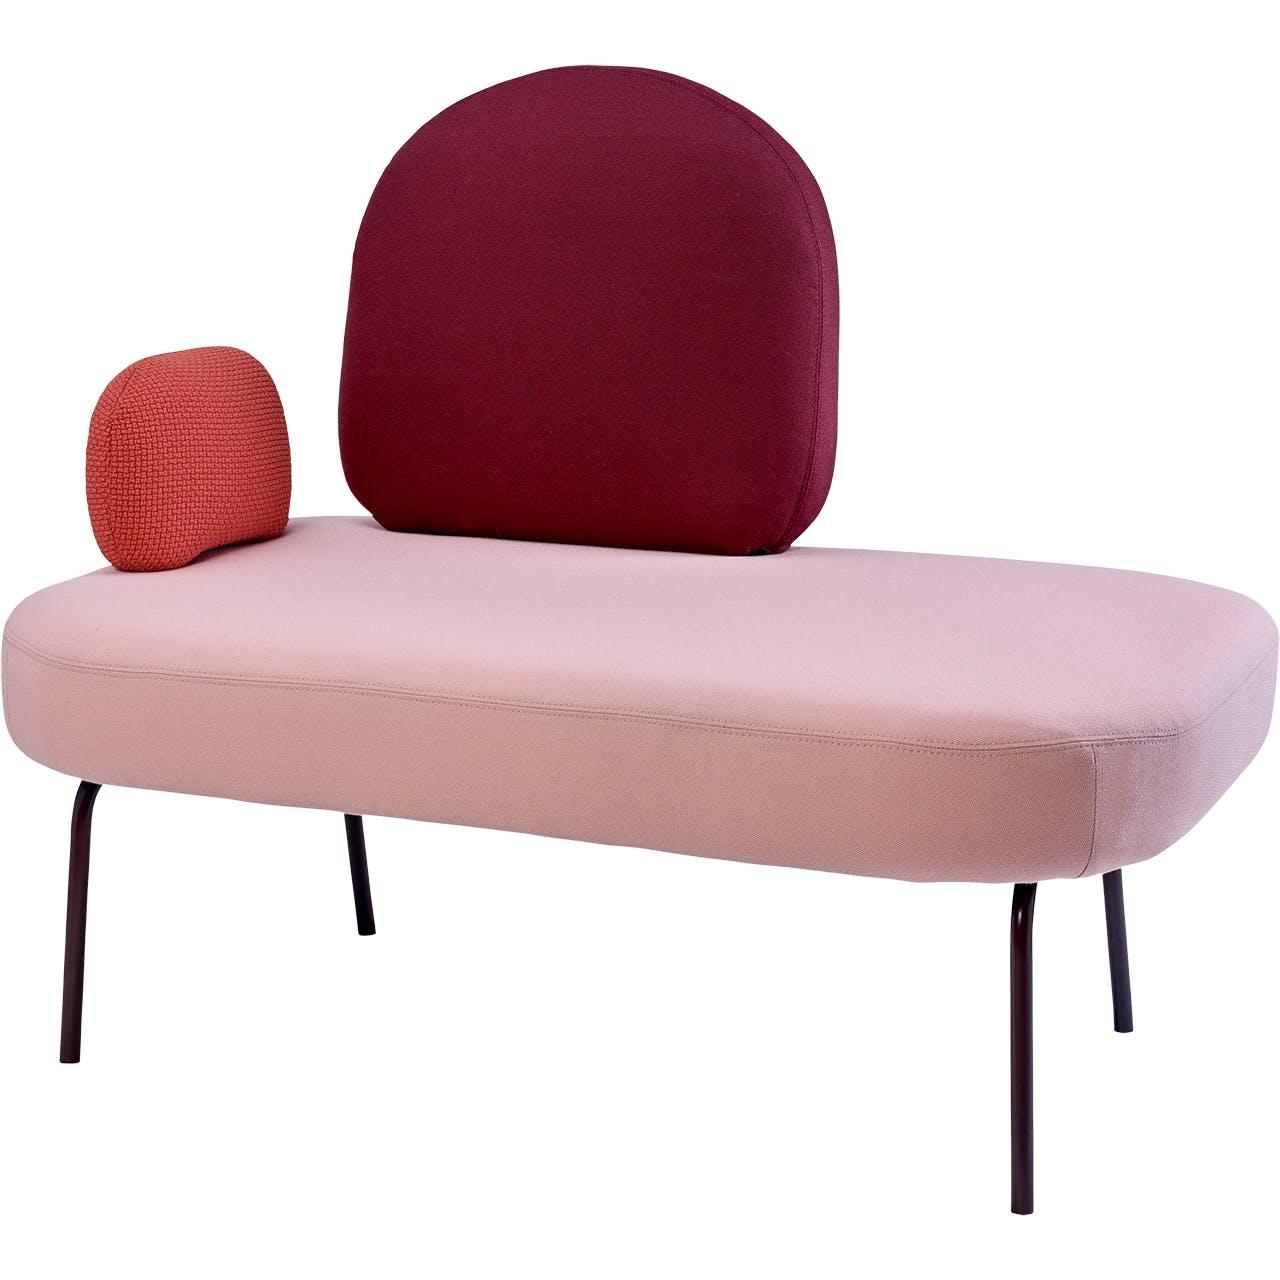 Bolia siddemøbel i lyserød og rød